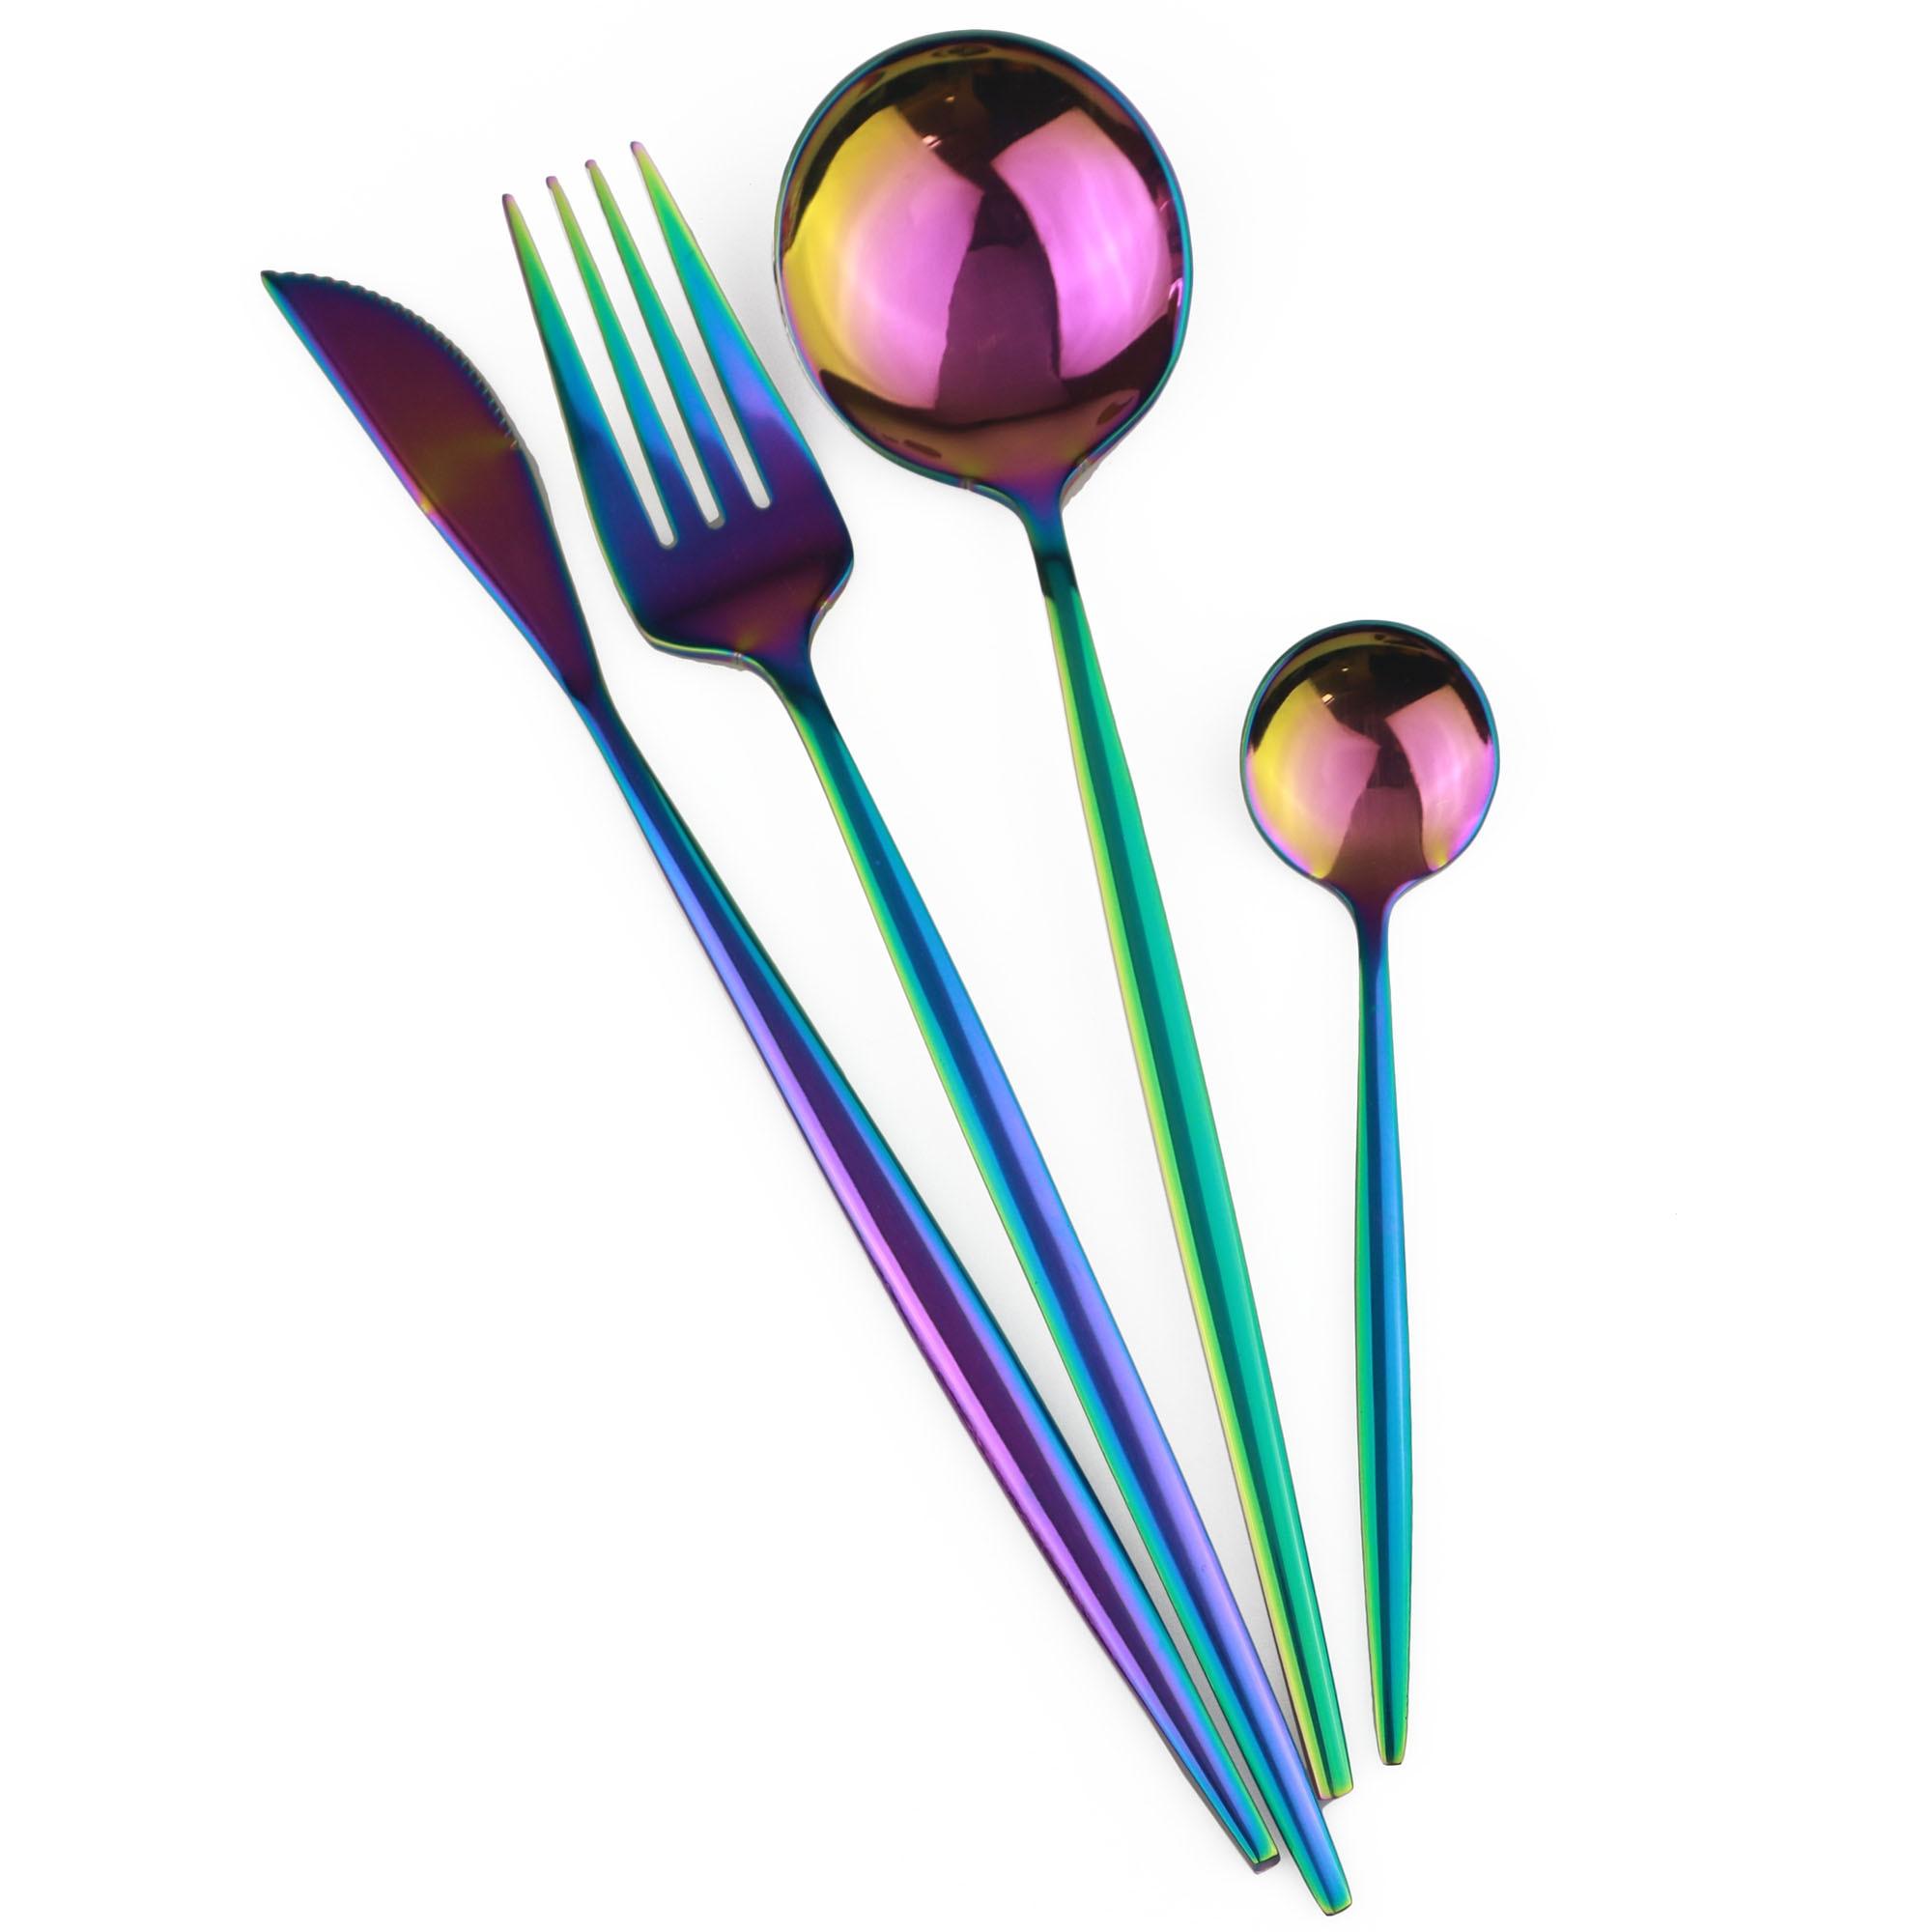 Juego de vajilla multicolor de acero inoxidable con espejo dorado rosa y negro, 4 unids/set, cuchillo de cena, tenedor, vajilla, envío directo|Juegos de vajilla|   - AliExpress